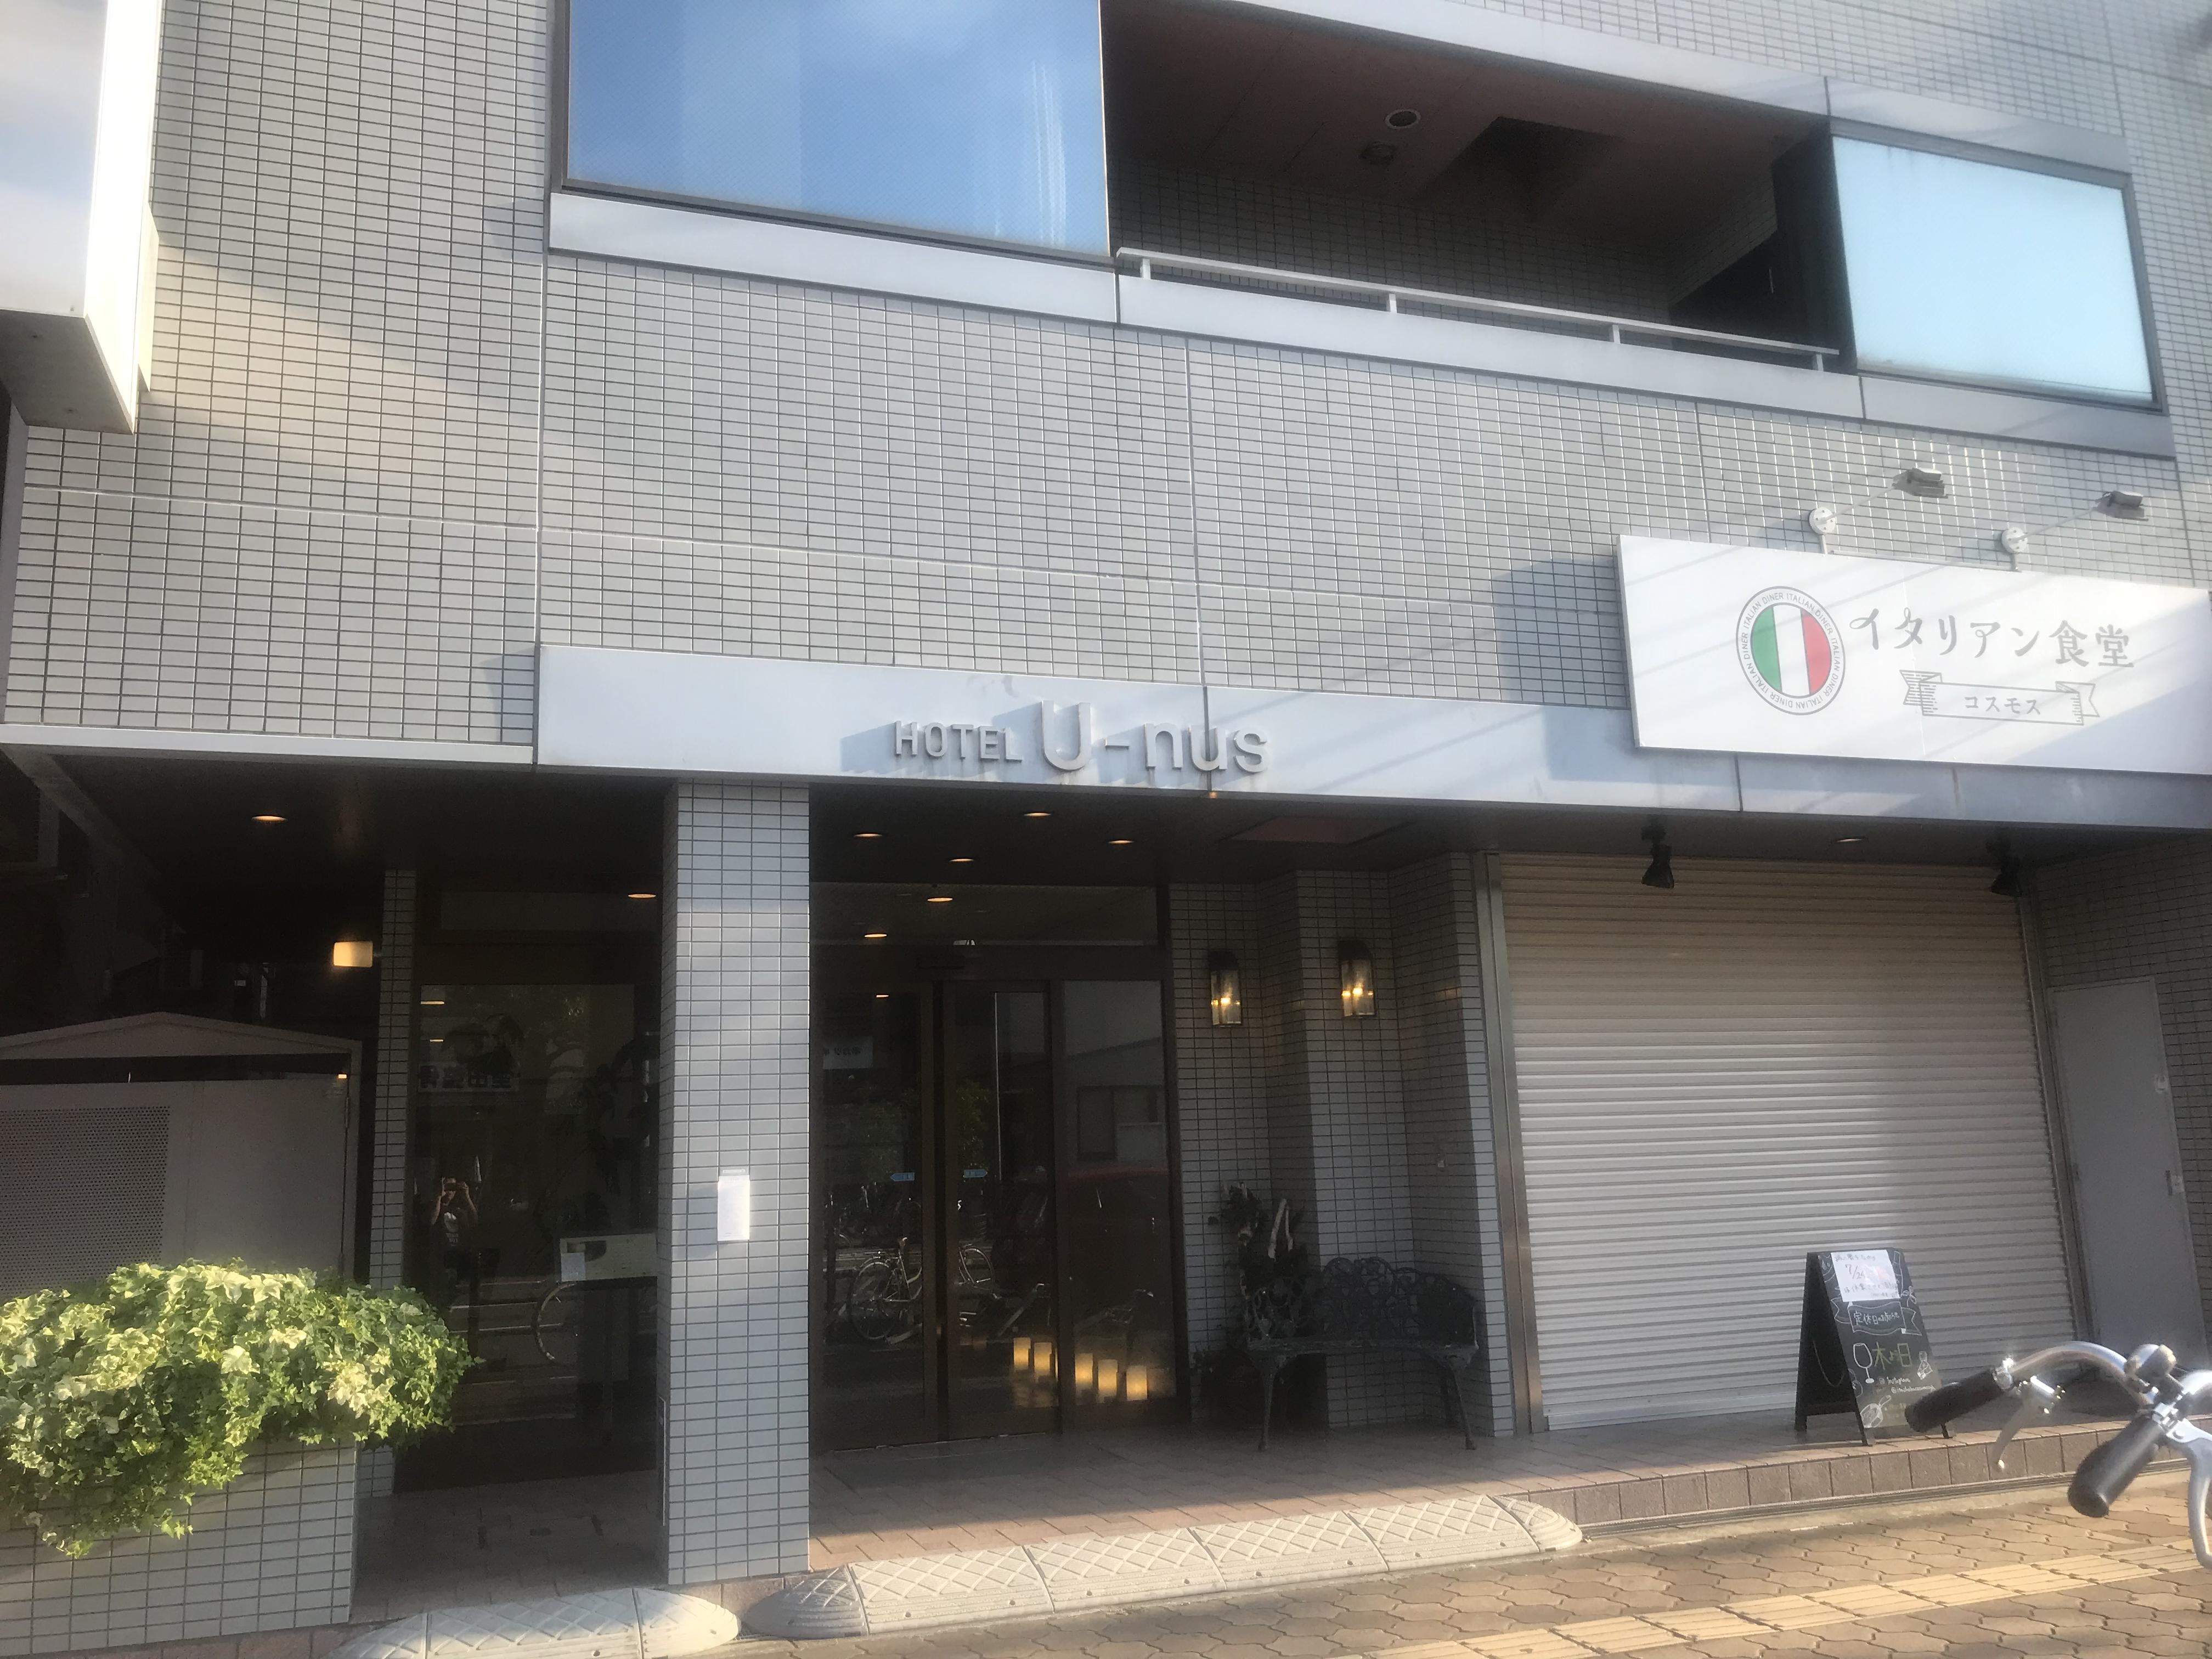 コスパ ☆4.0 大阪市 都島駅 ホテル OYO 516 HOTEL U-nus